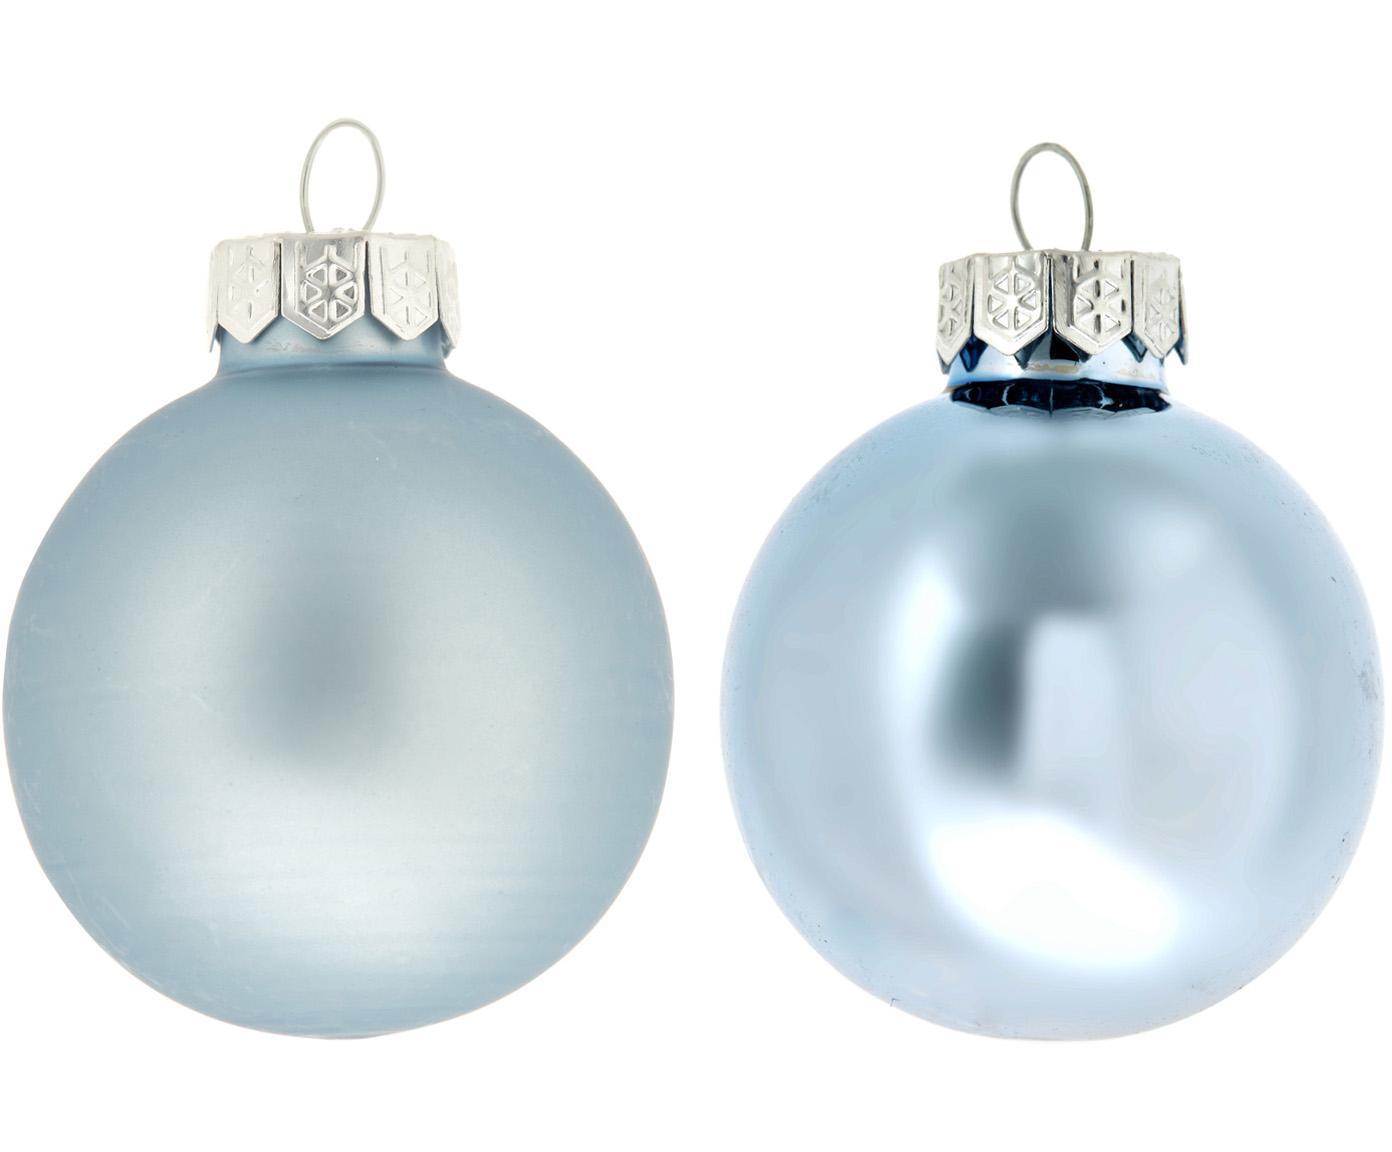 Weihnachtskugel-Set EvergreenØ8cm, 6-tlg., Eisblau, Ø 8 cm